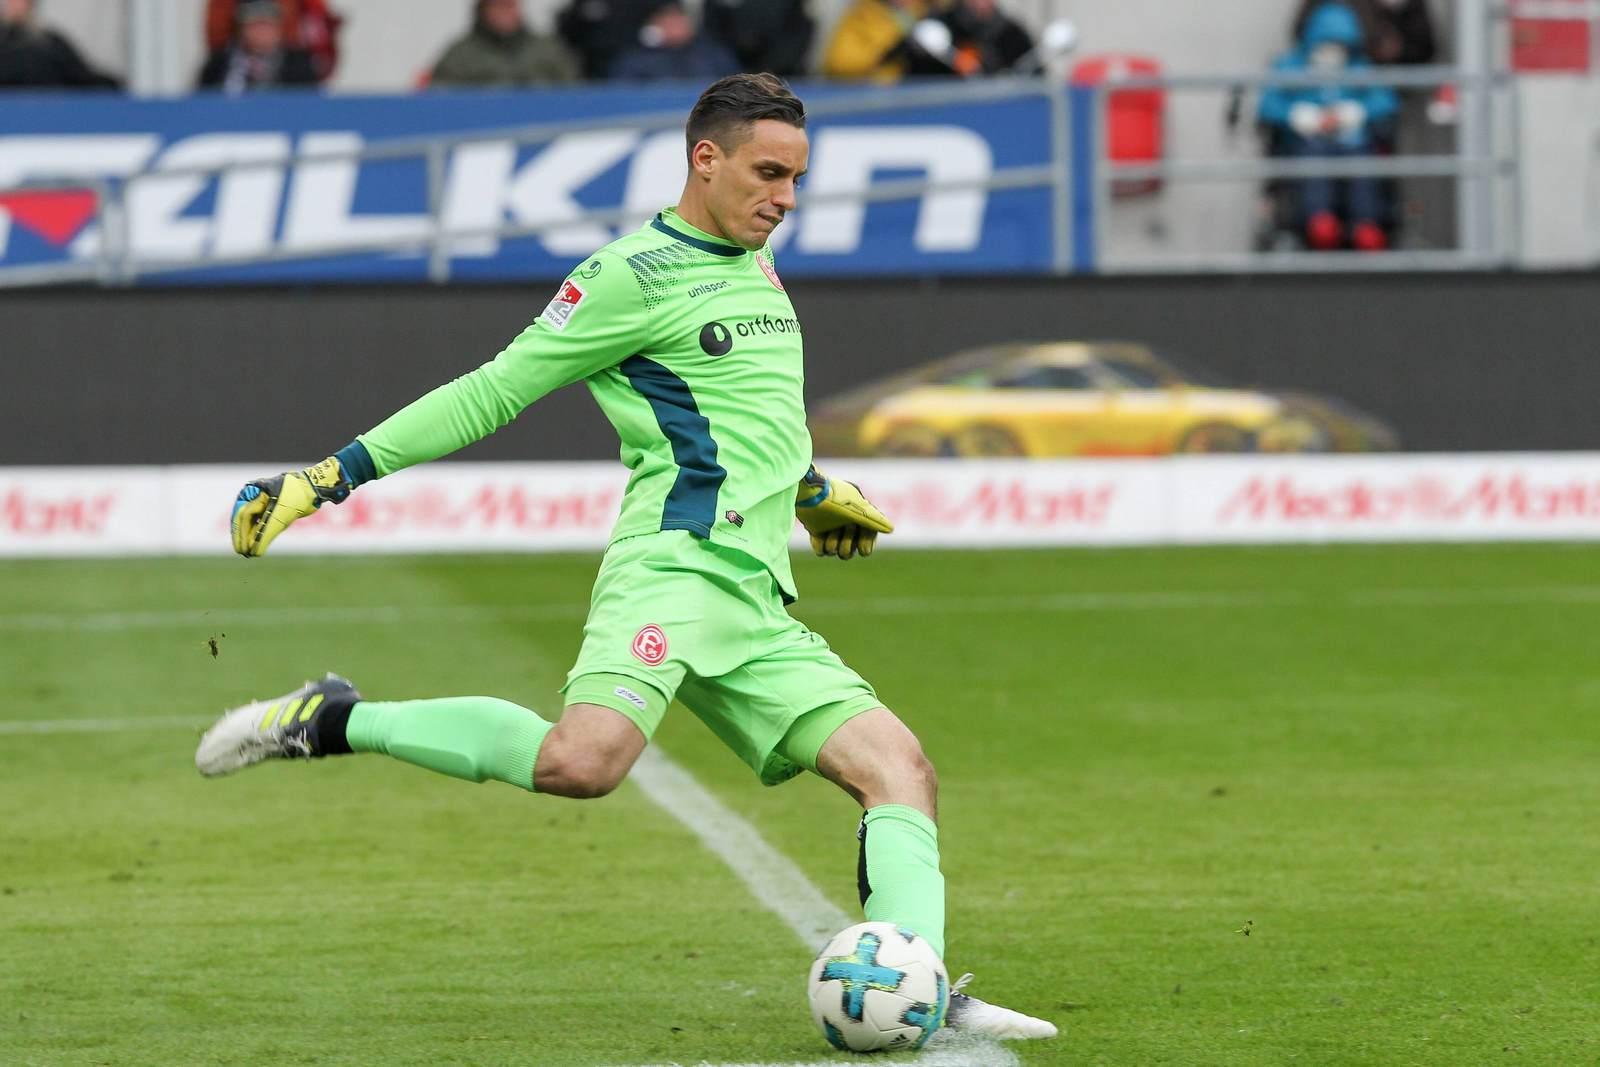 Raphael Wolf beim Abstoß für seinen Verein Fortuna Düsseldorf